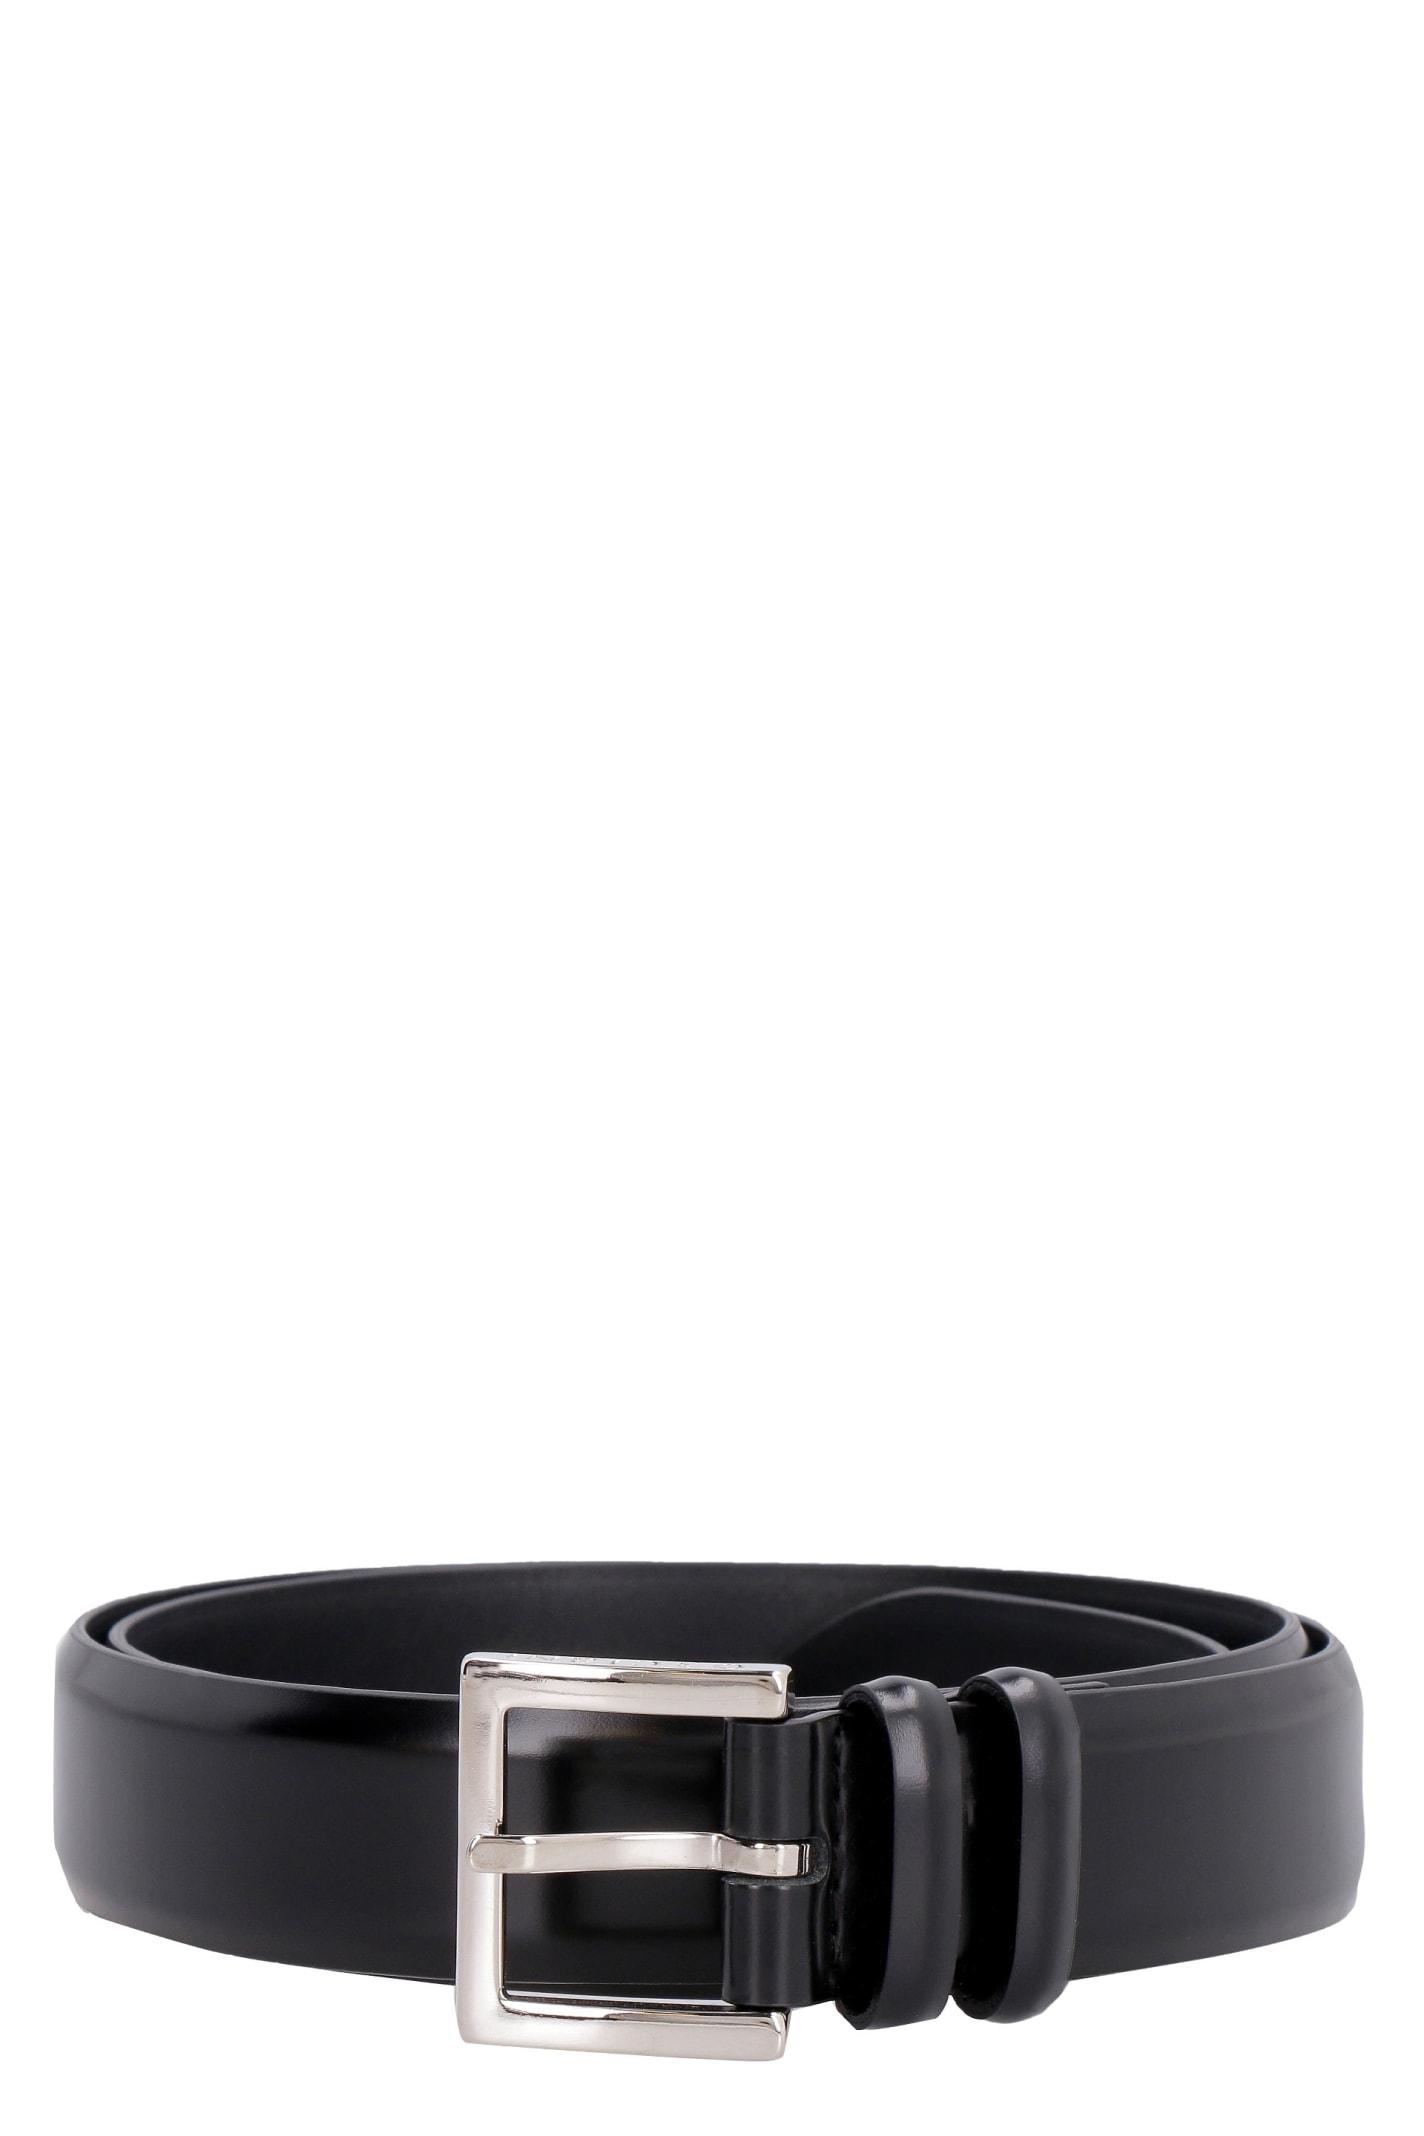 Orciani Toledo Leather Belt